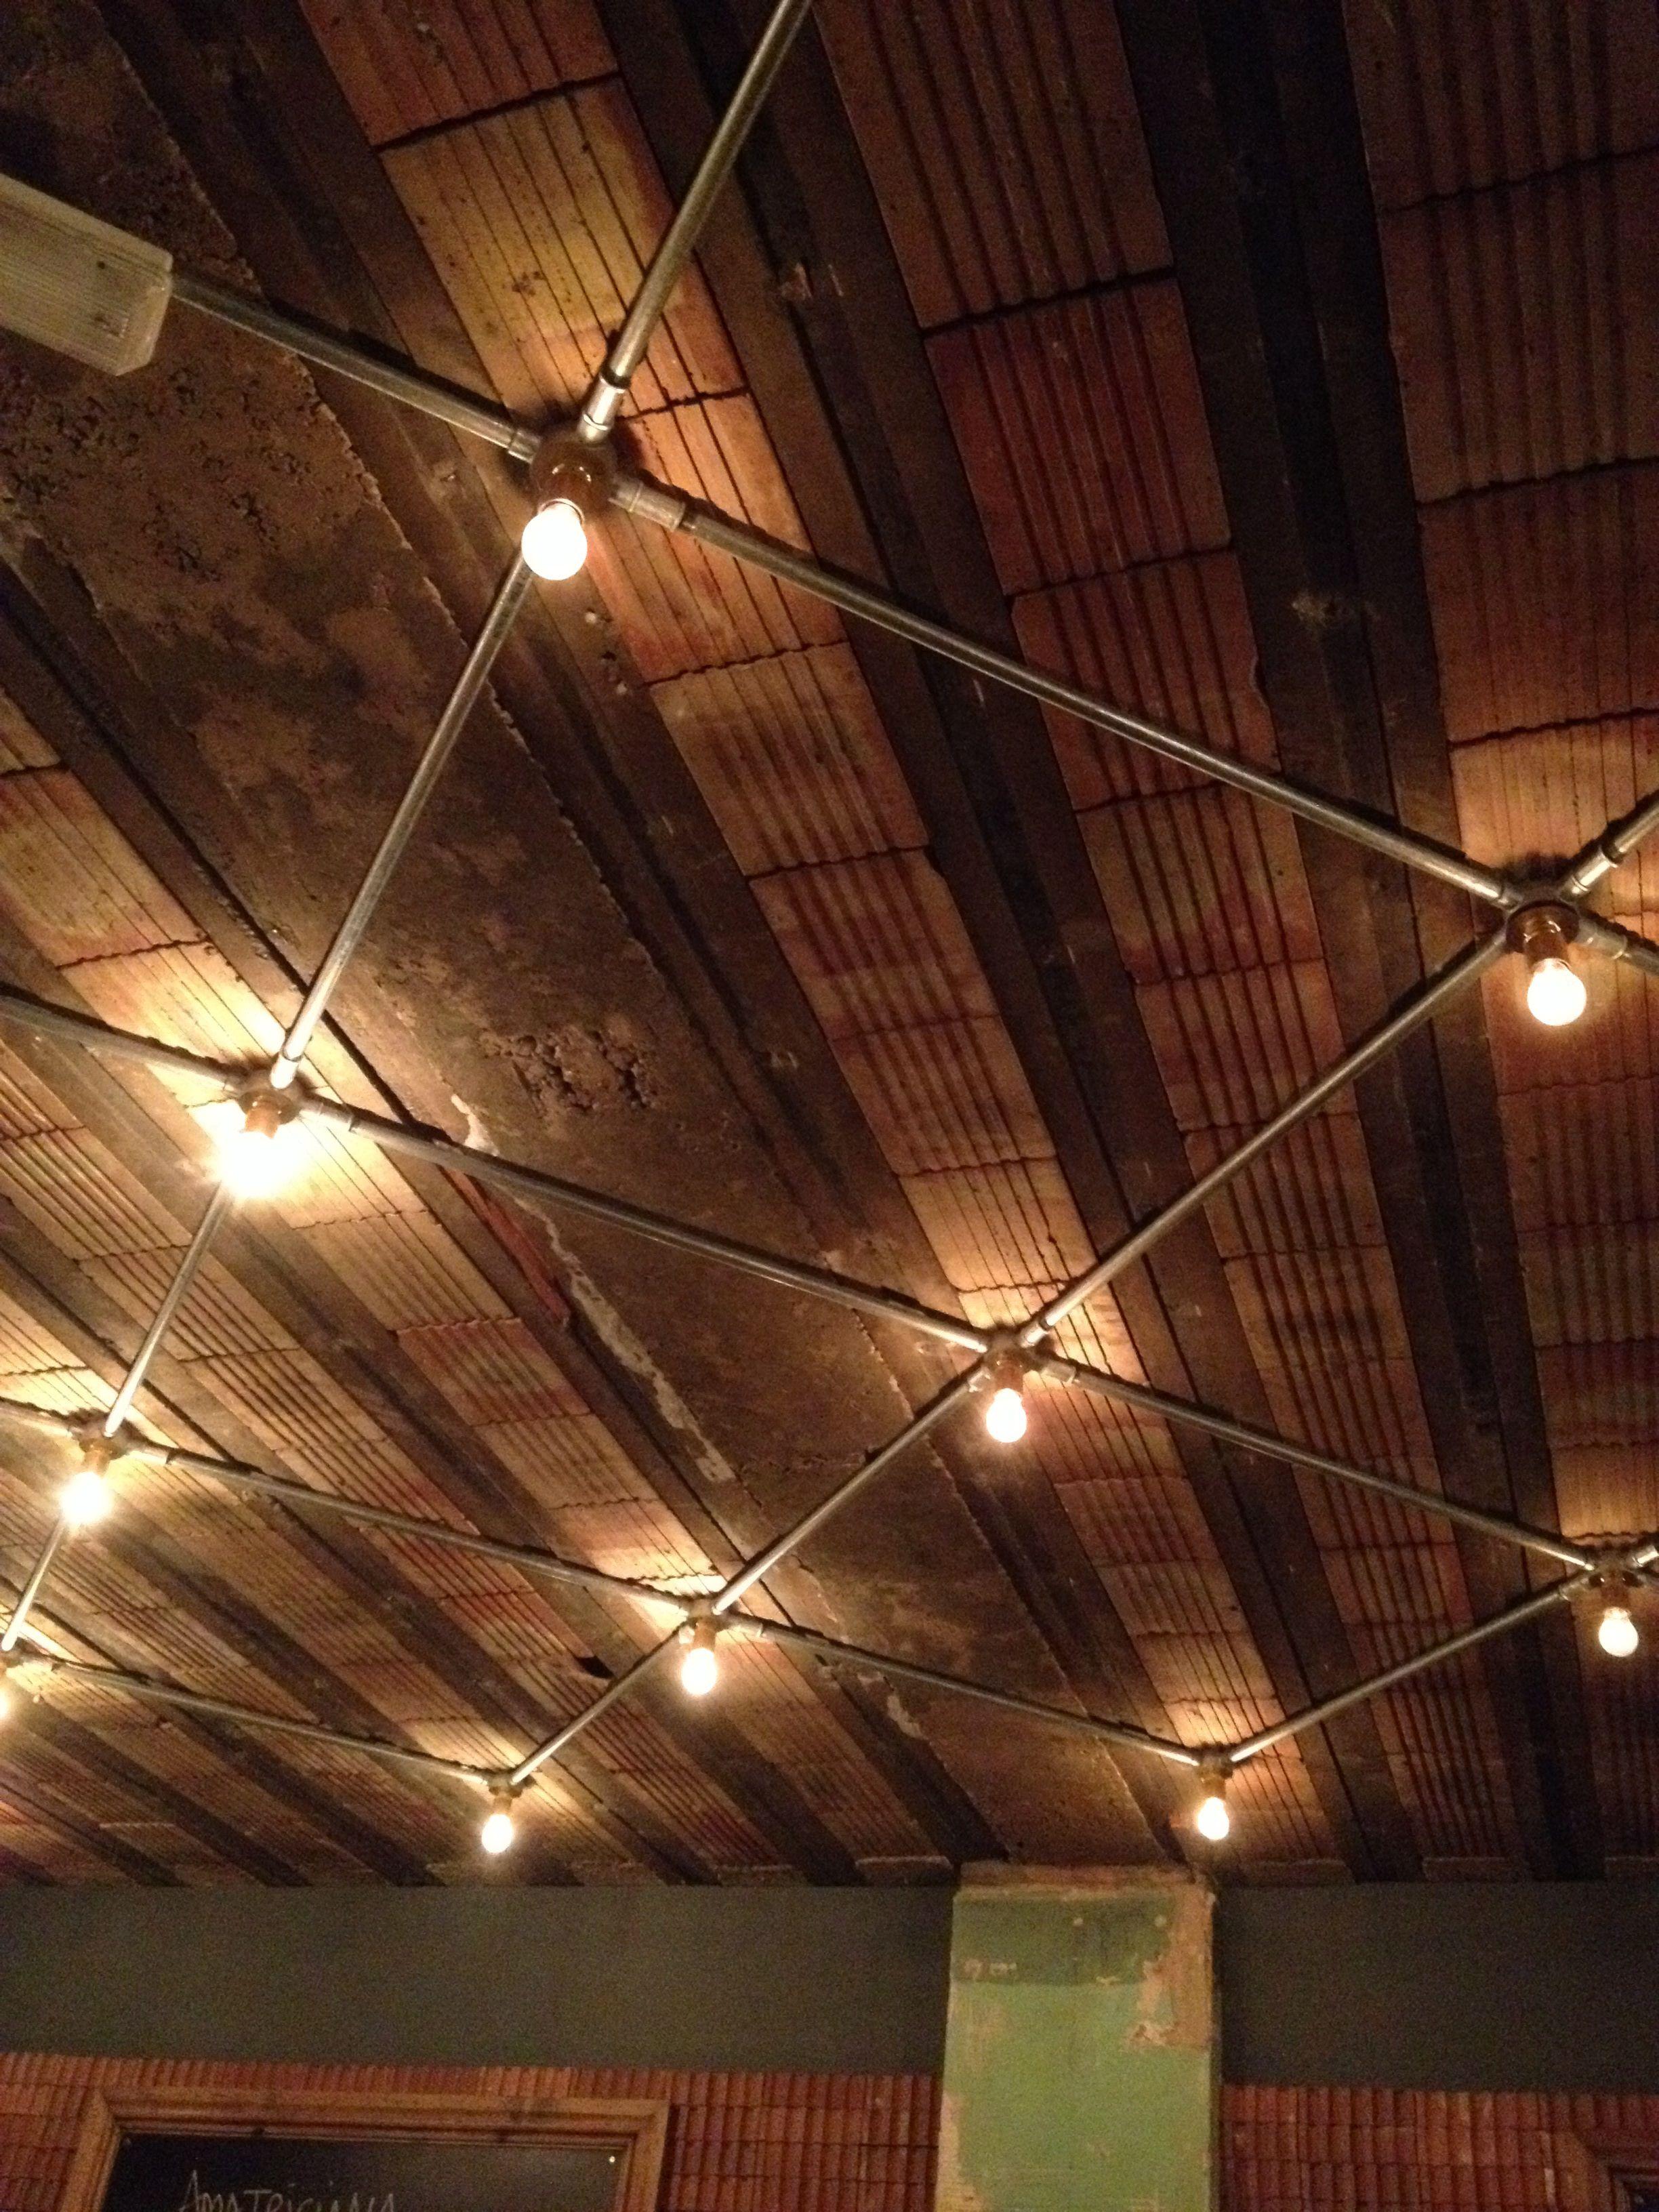 Hostel Lighting Bat Light